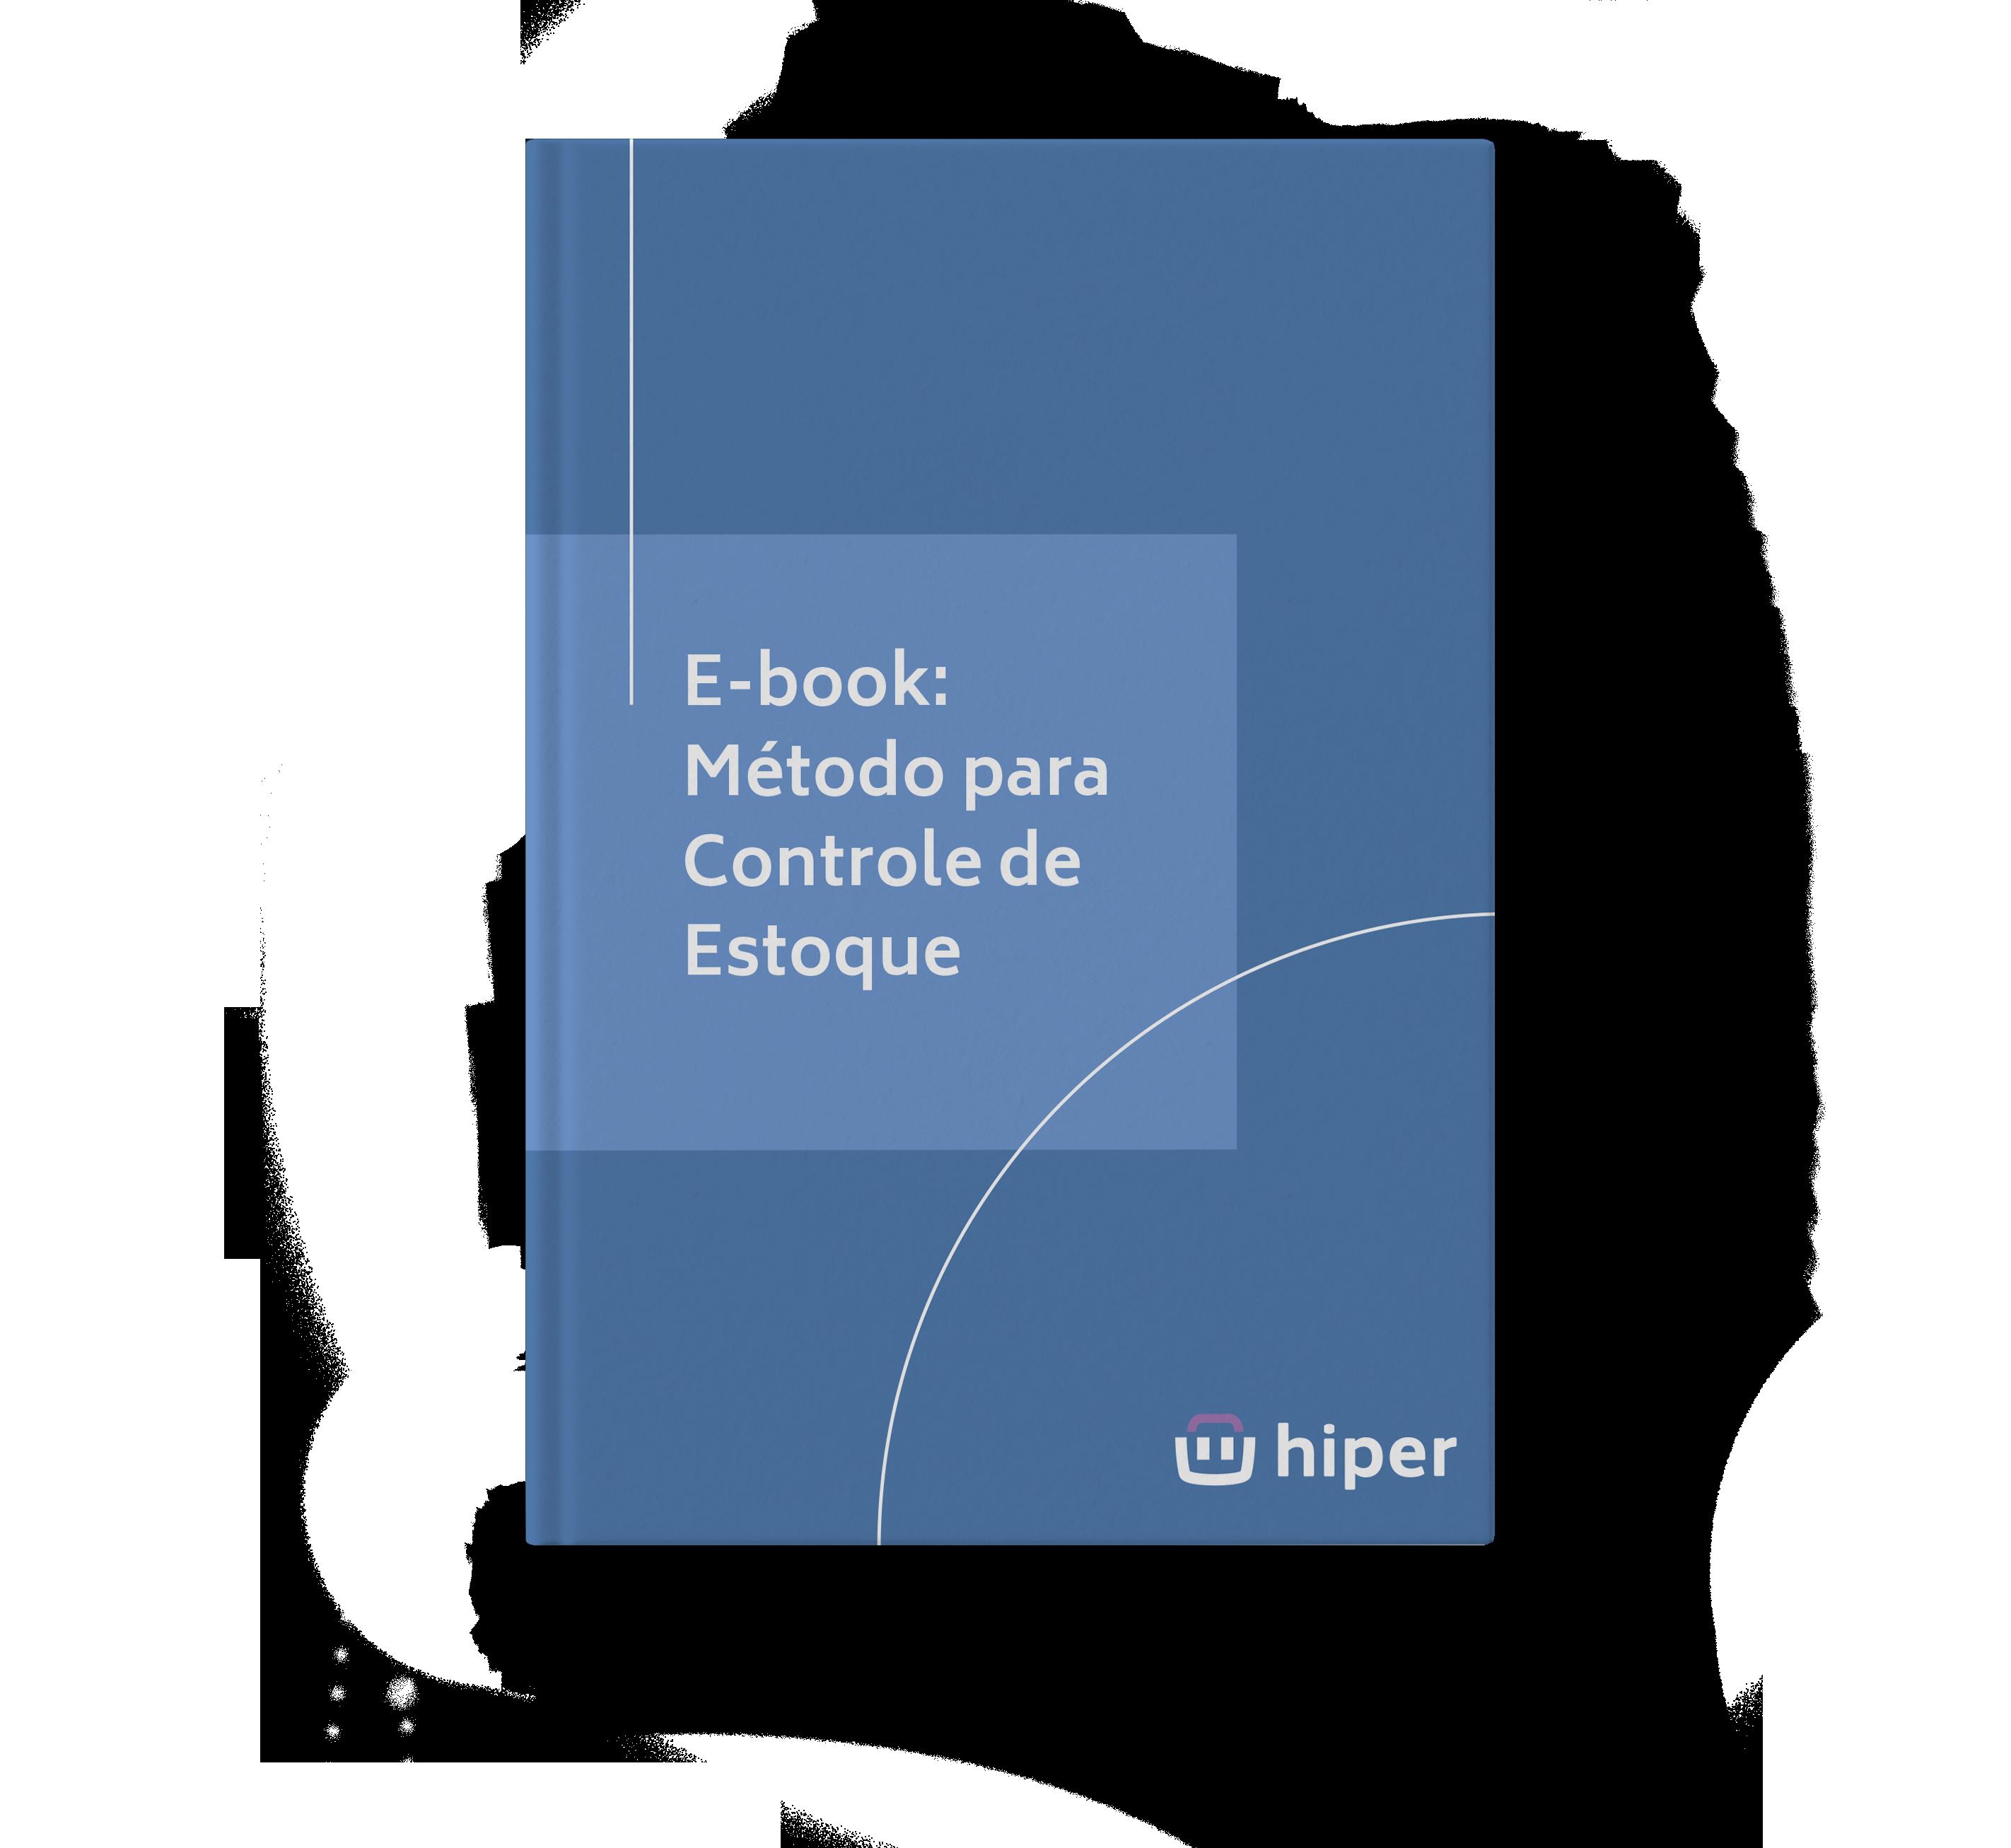 E-book Métodos para Controle de Estoque